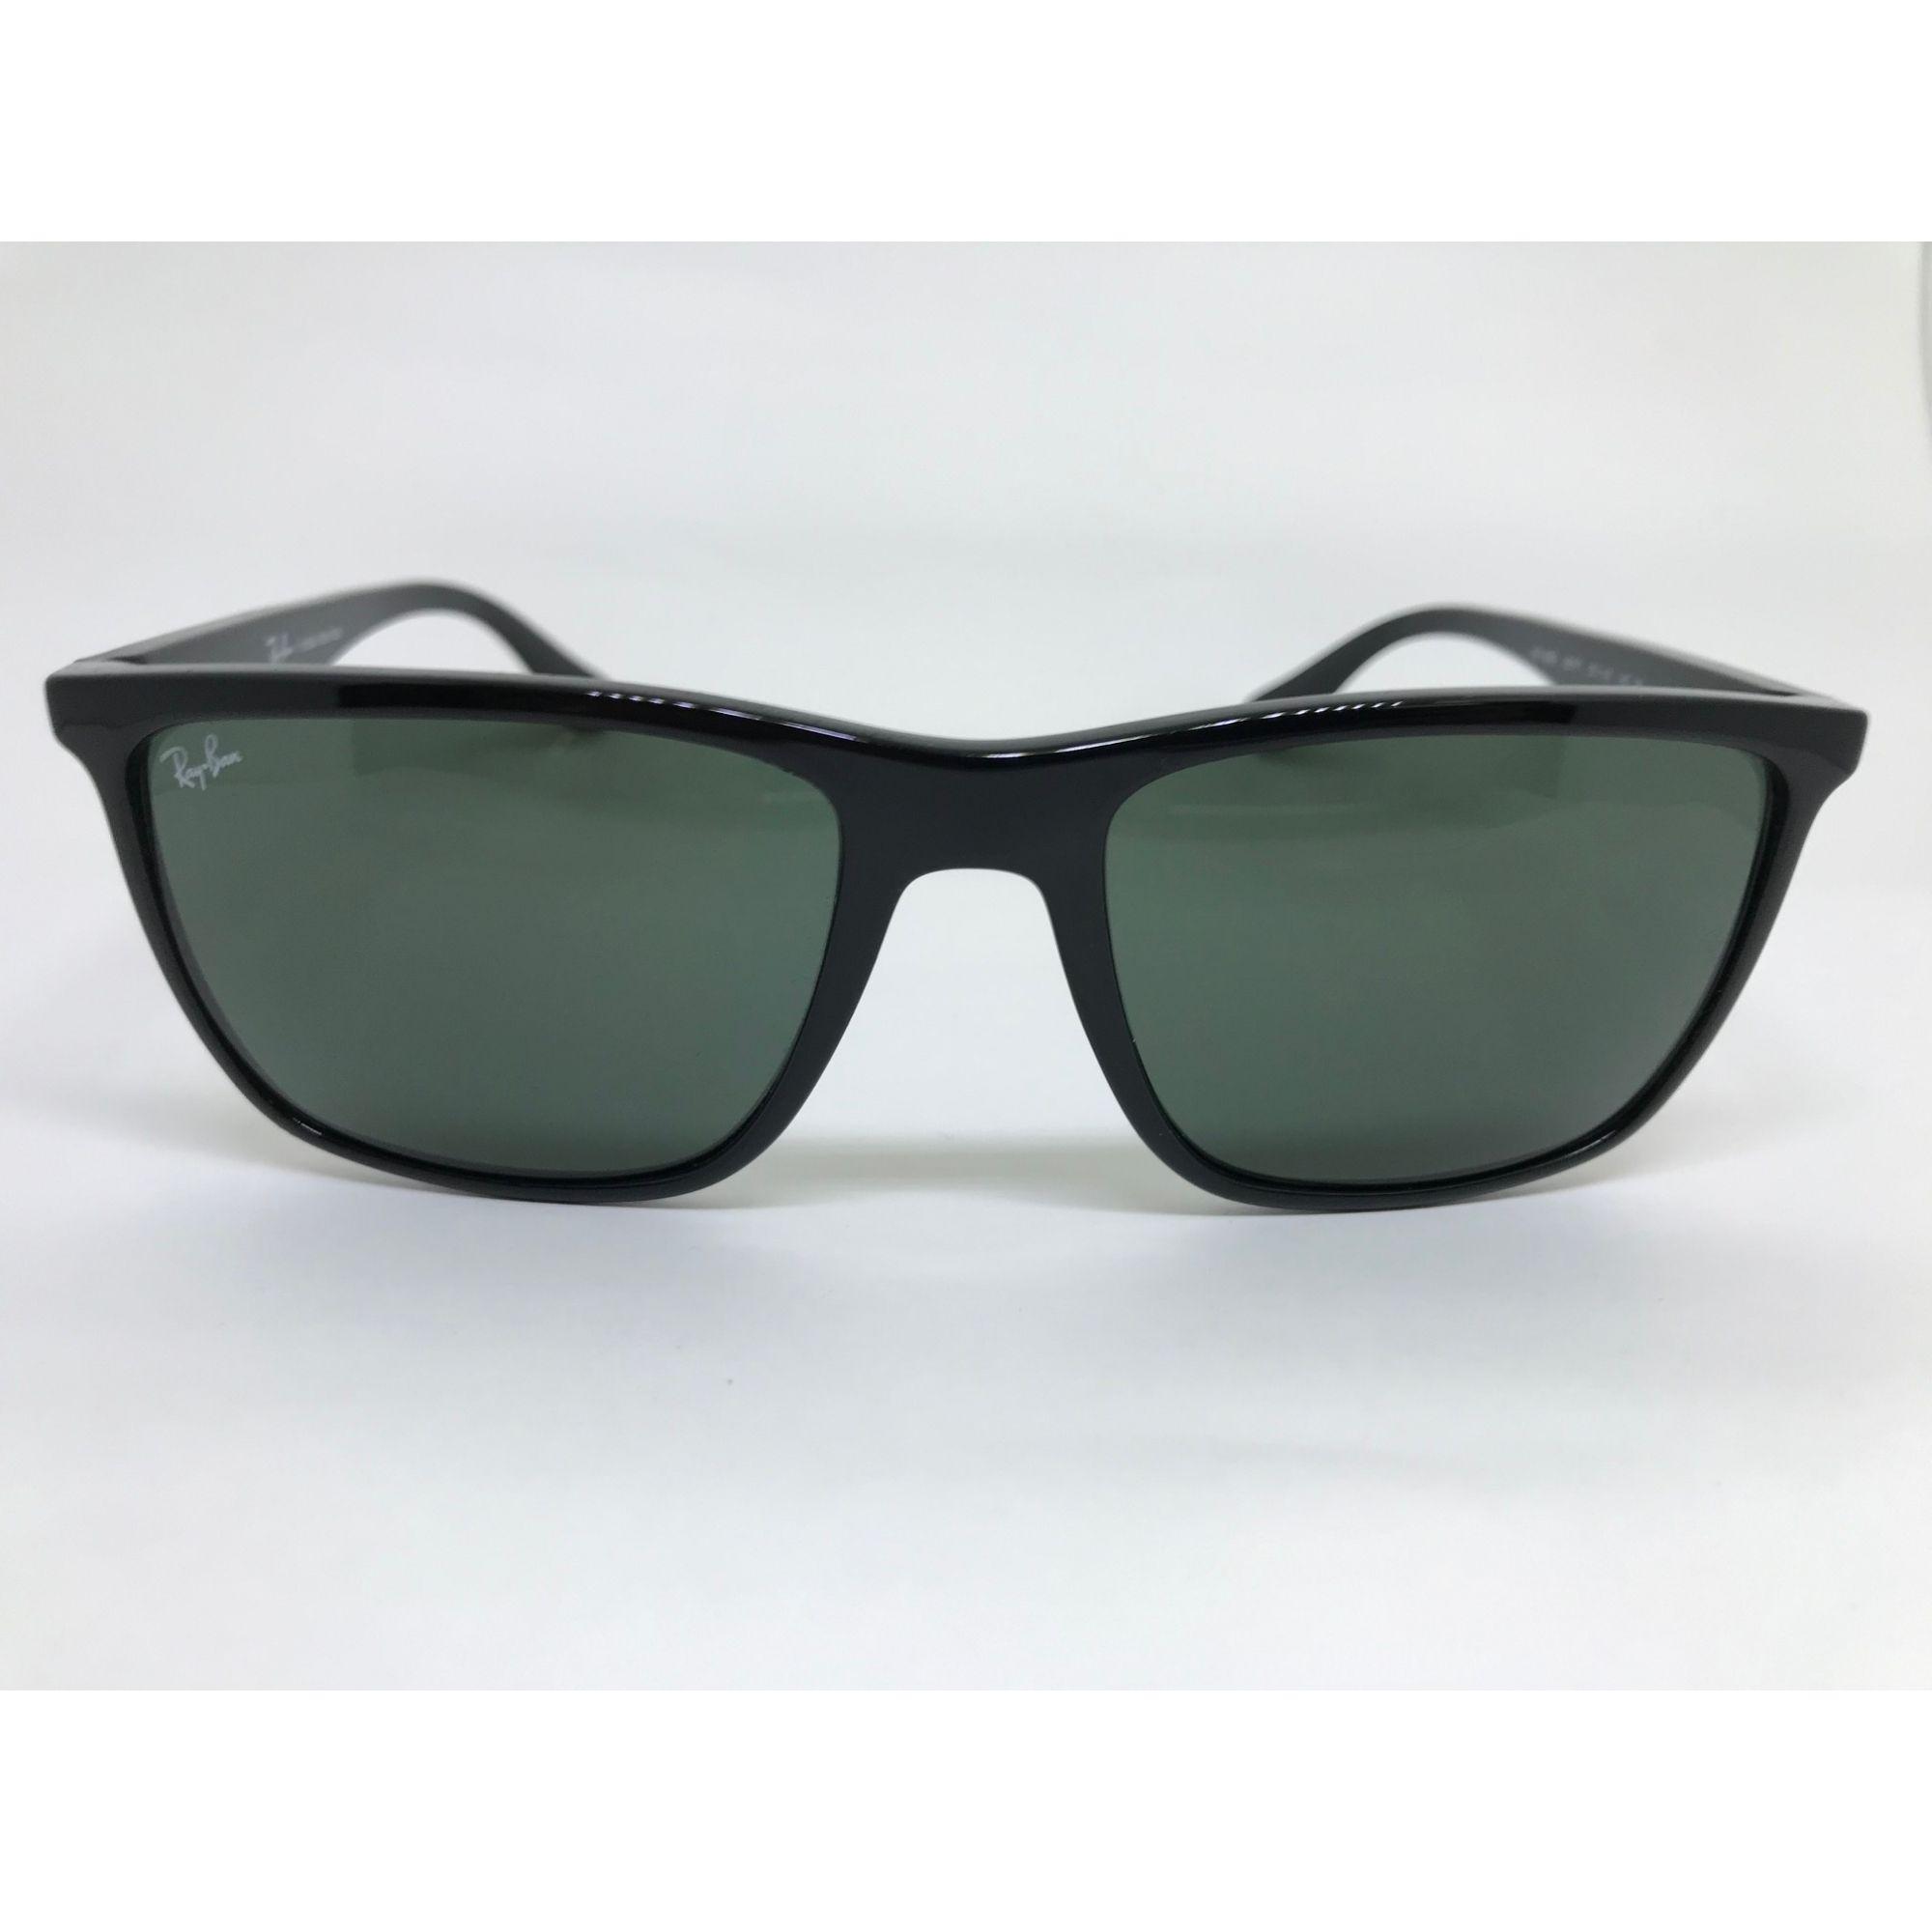 071749e09 Oculos de sol Ray Ban RB 4288L 601/71 57